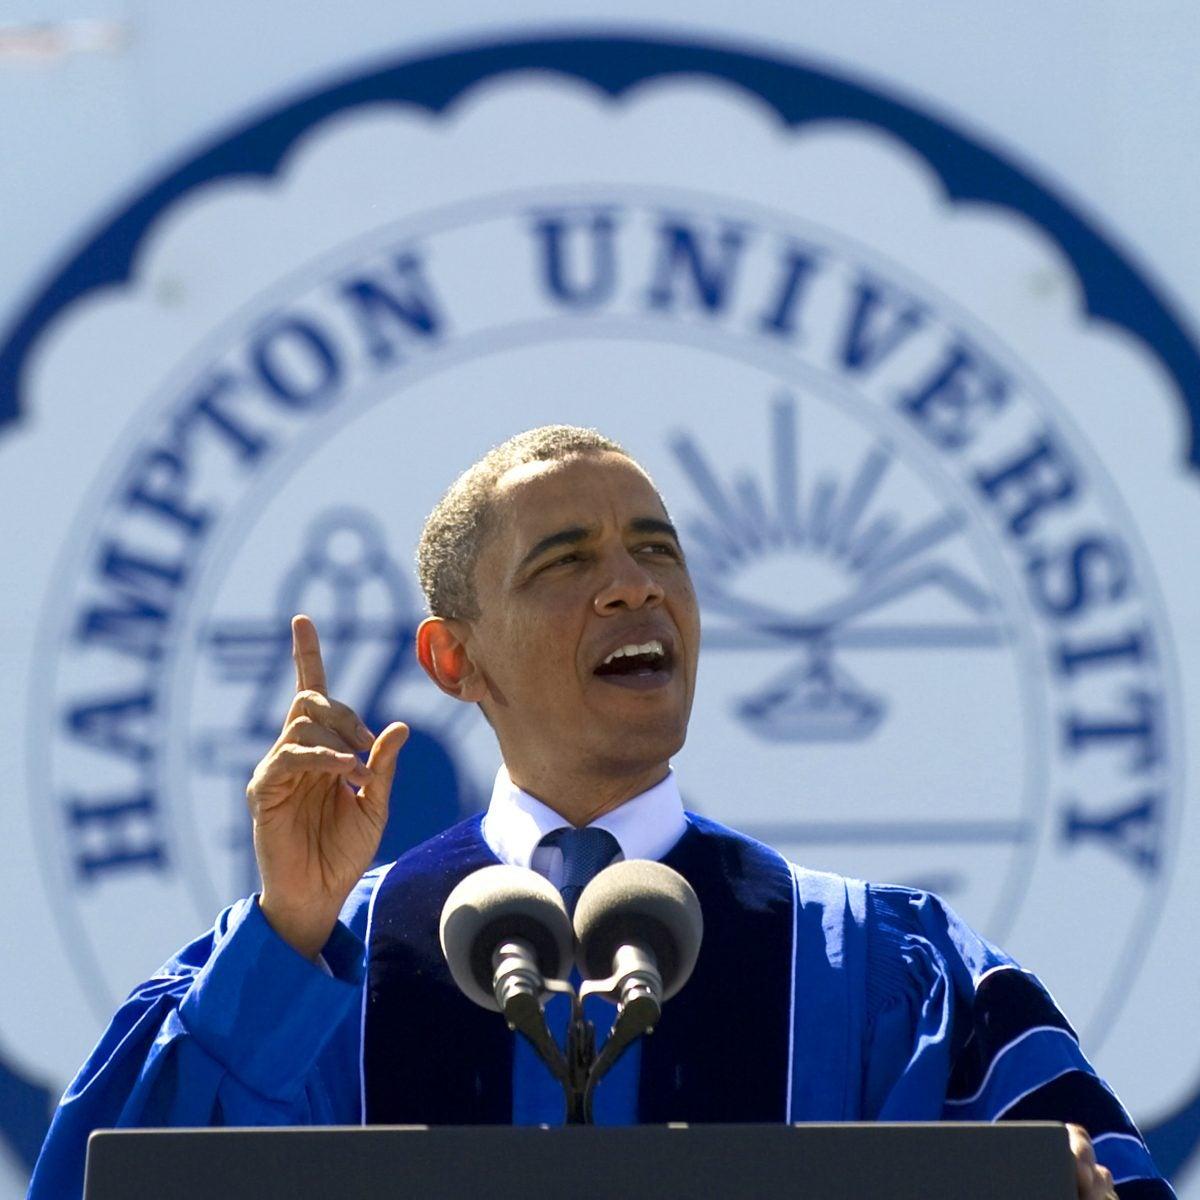 Barack Obama On Ahmaud Arbery: 'Injustice Like This Isn't New'